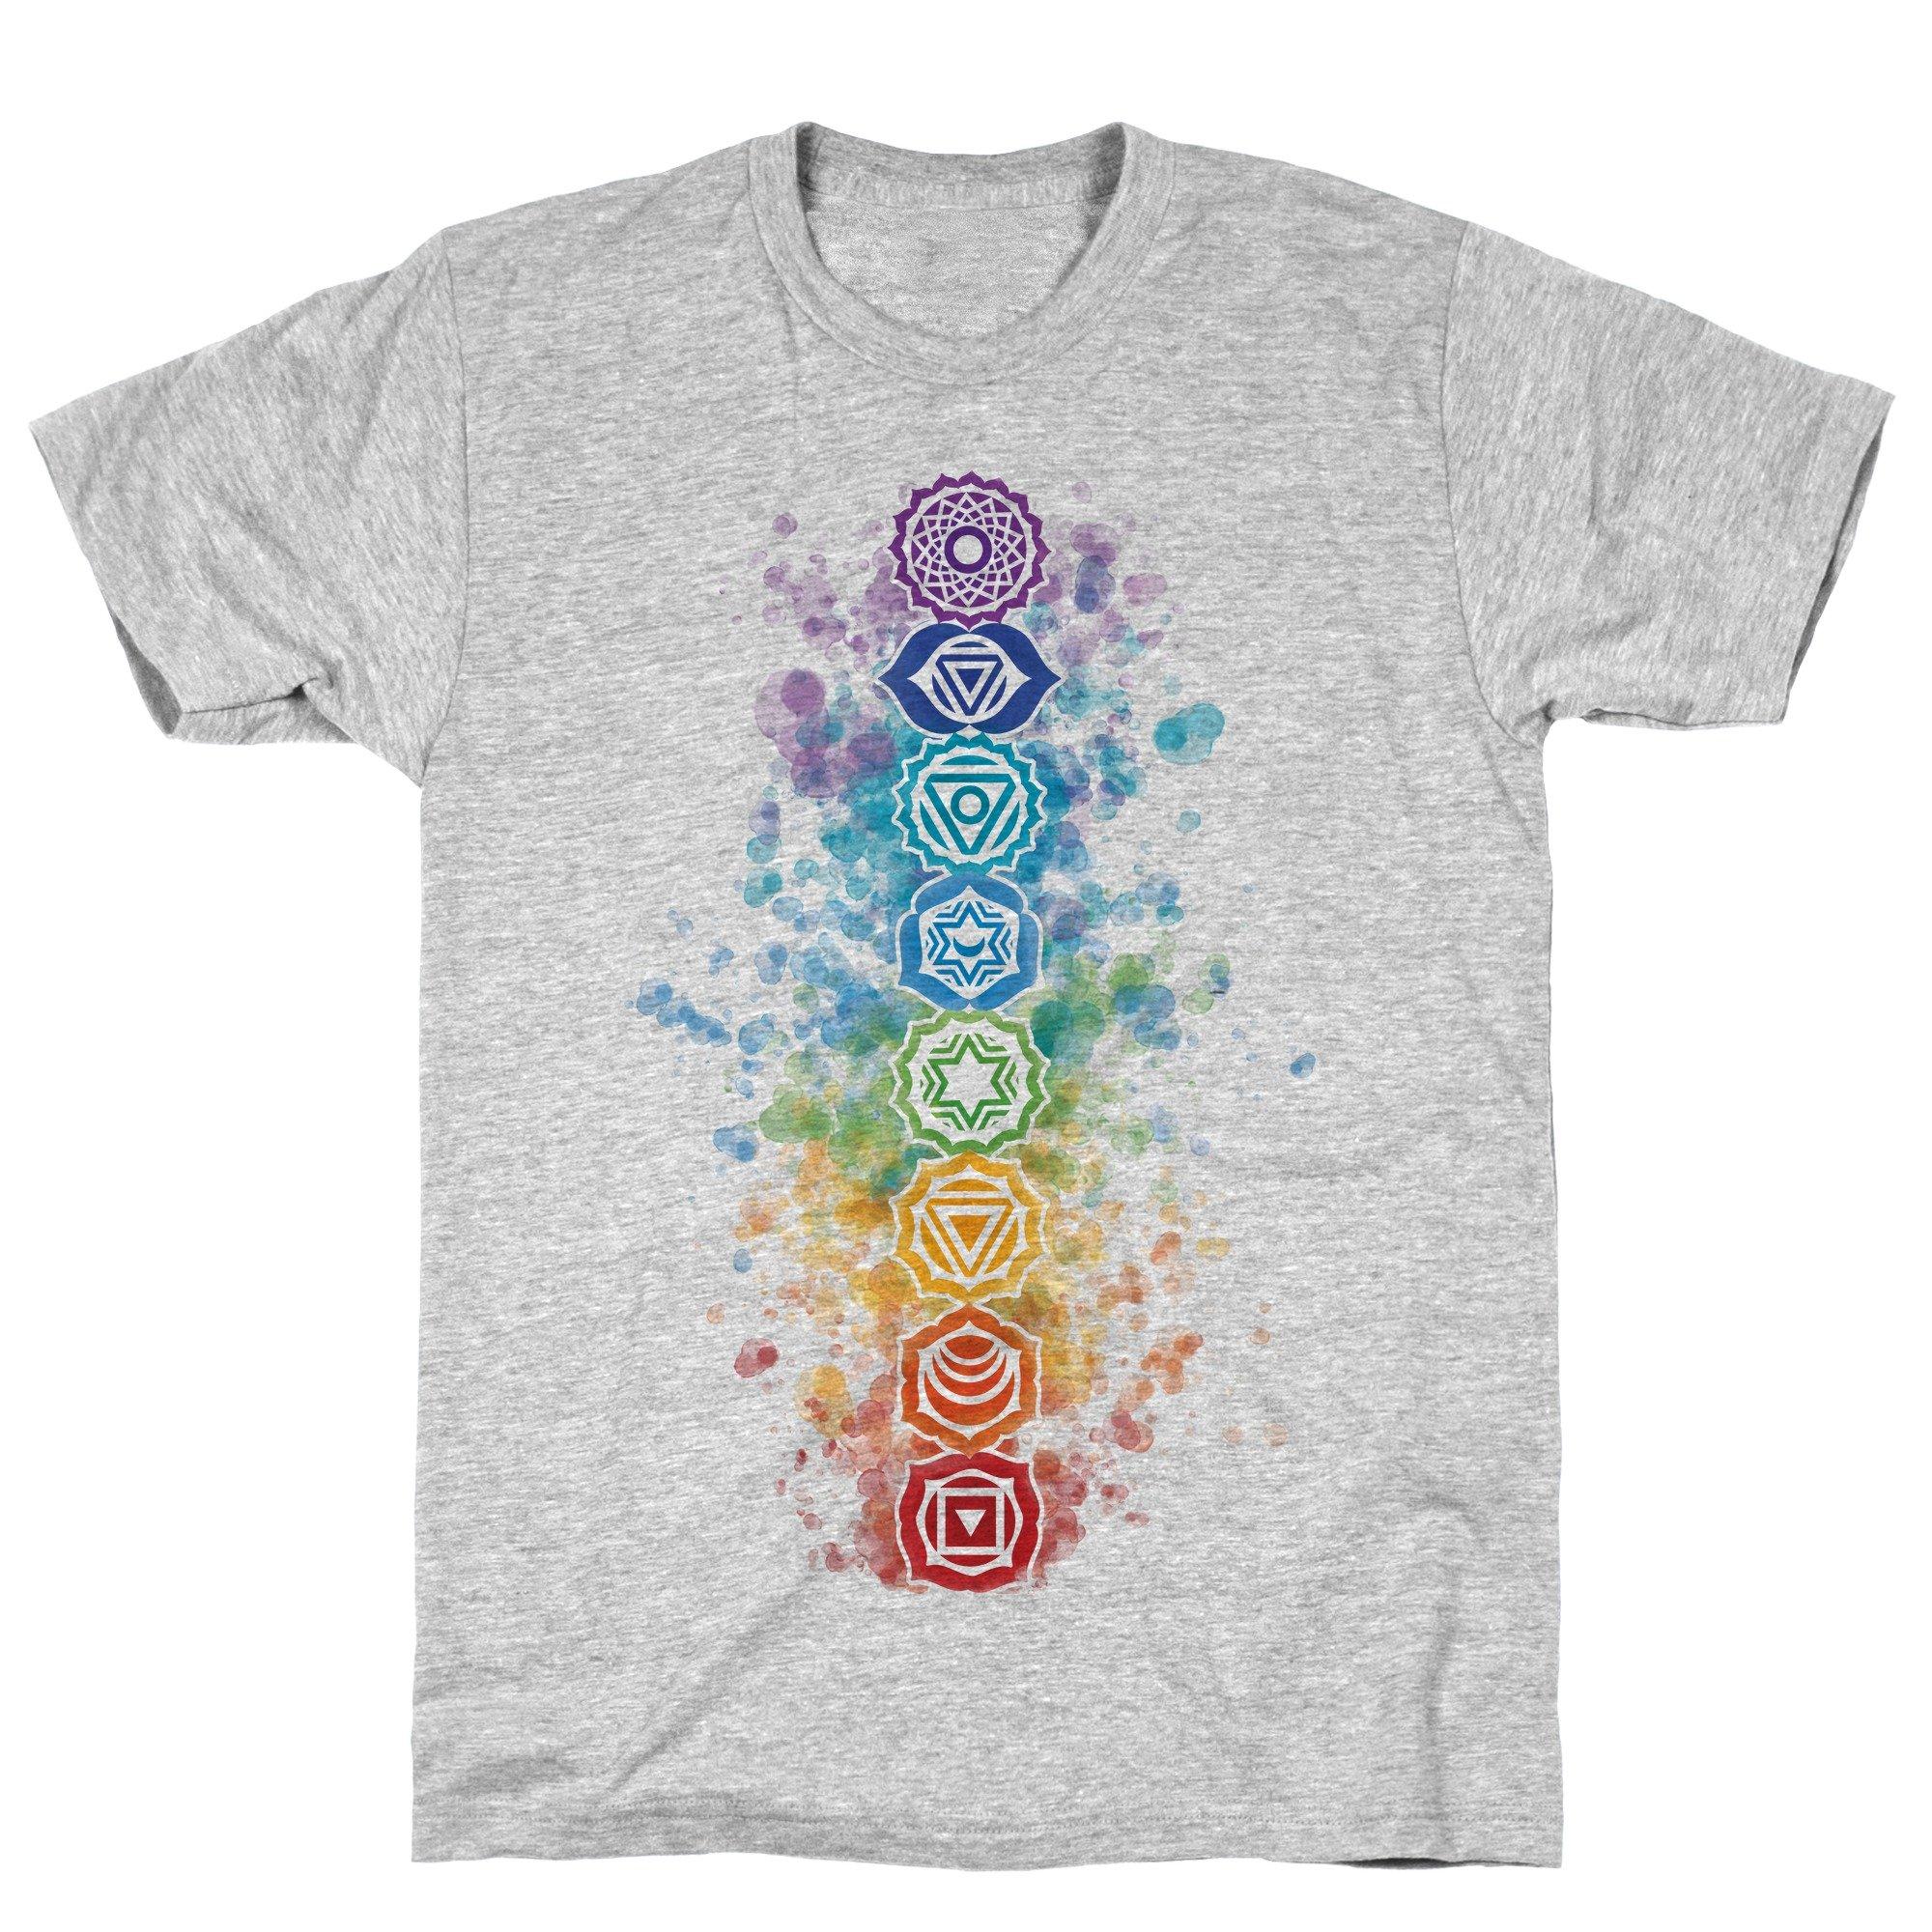 Watercolor Chakra Symbols Athletic Gray S Ts Shirts